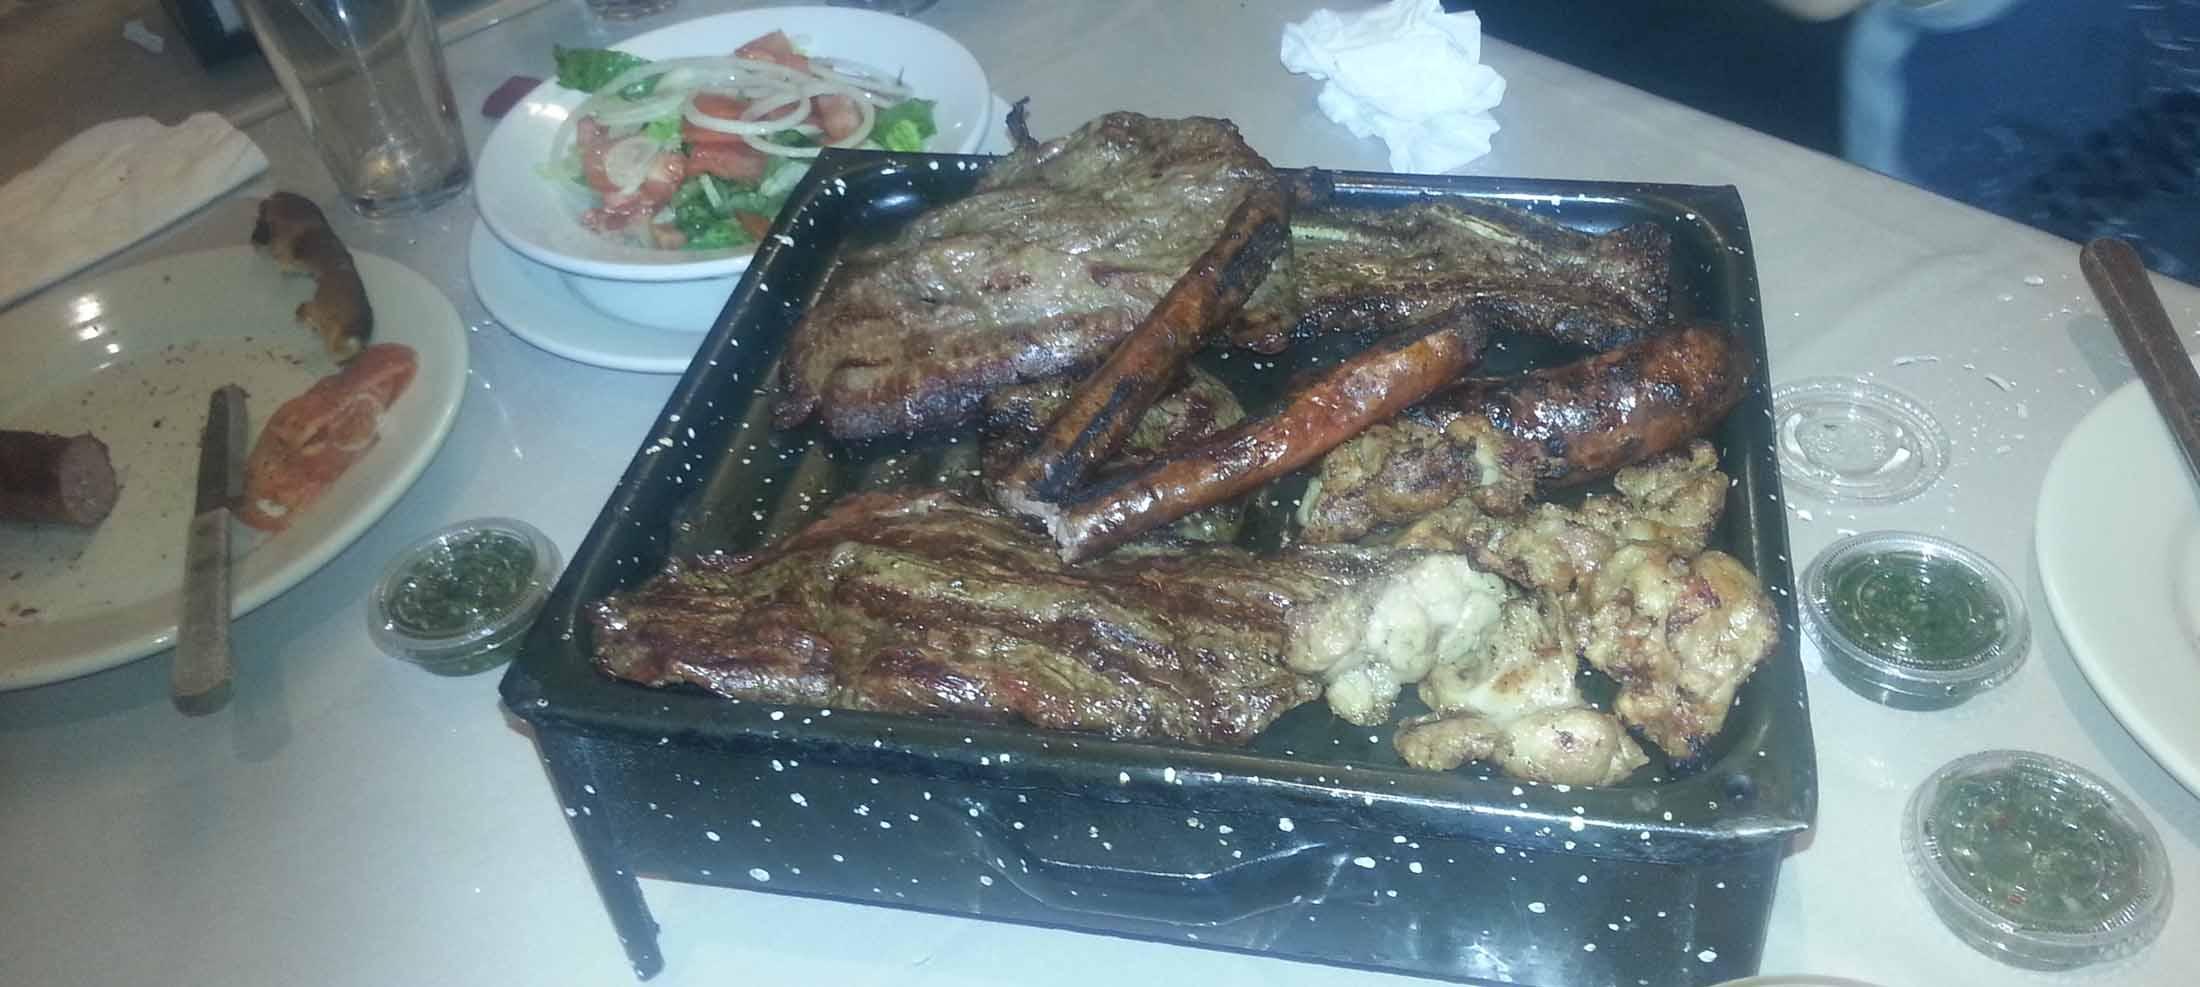 Good BBQ at Men's Soccer Christmas dinner